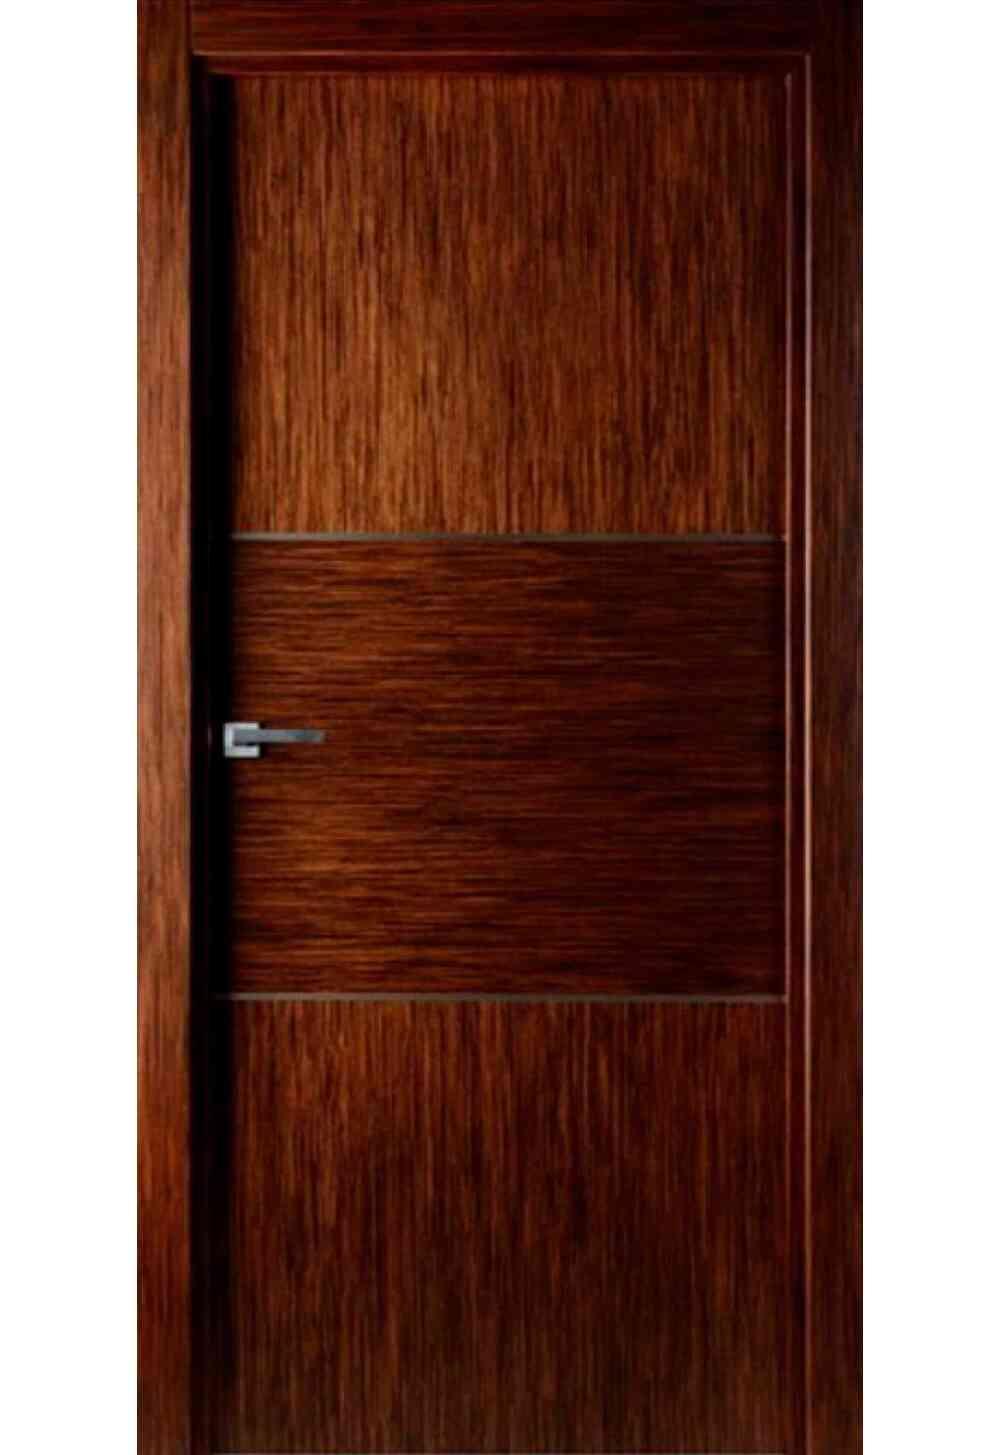 Купити Двері міжкімнатні FADO Plato 1309 _дуб набукко_, 860x2020